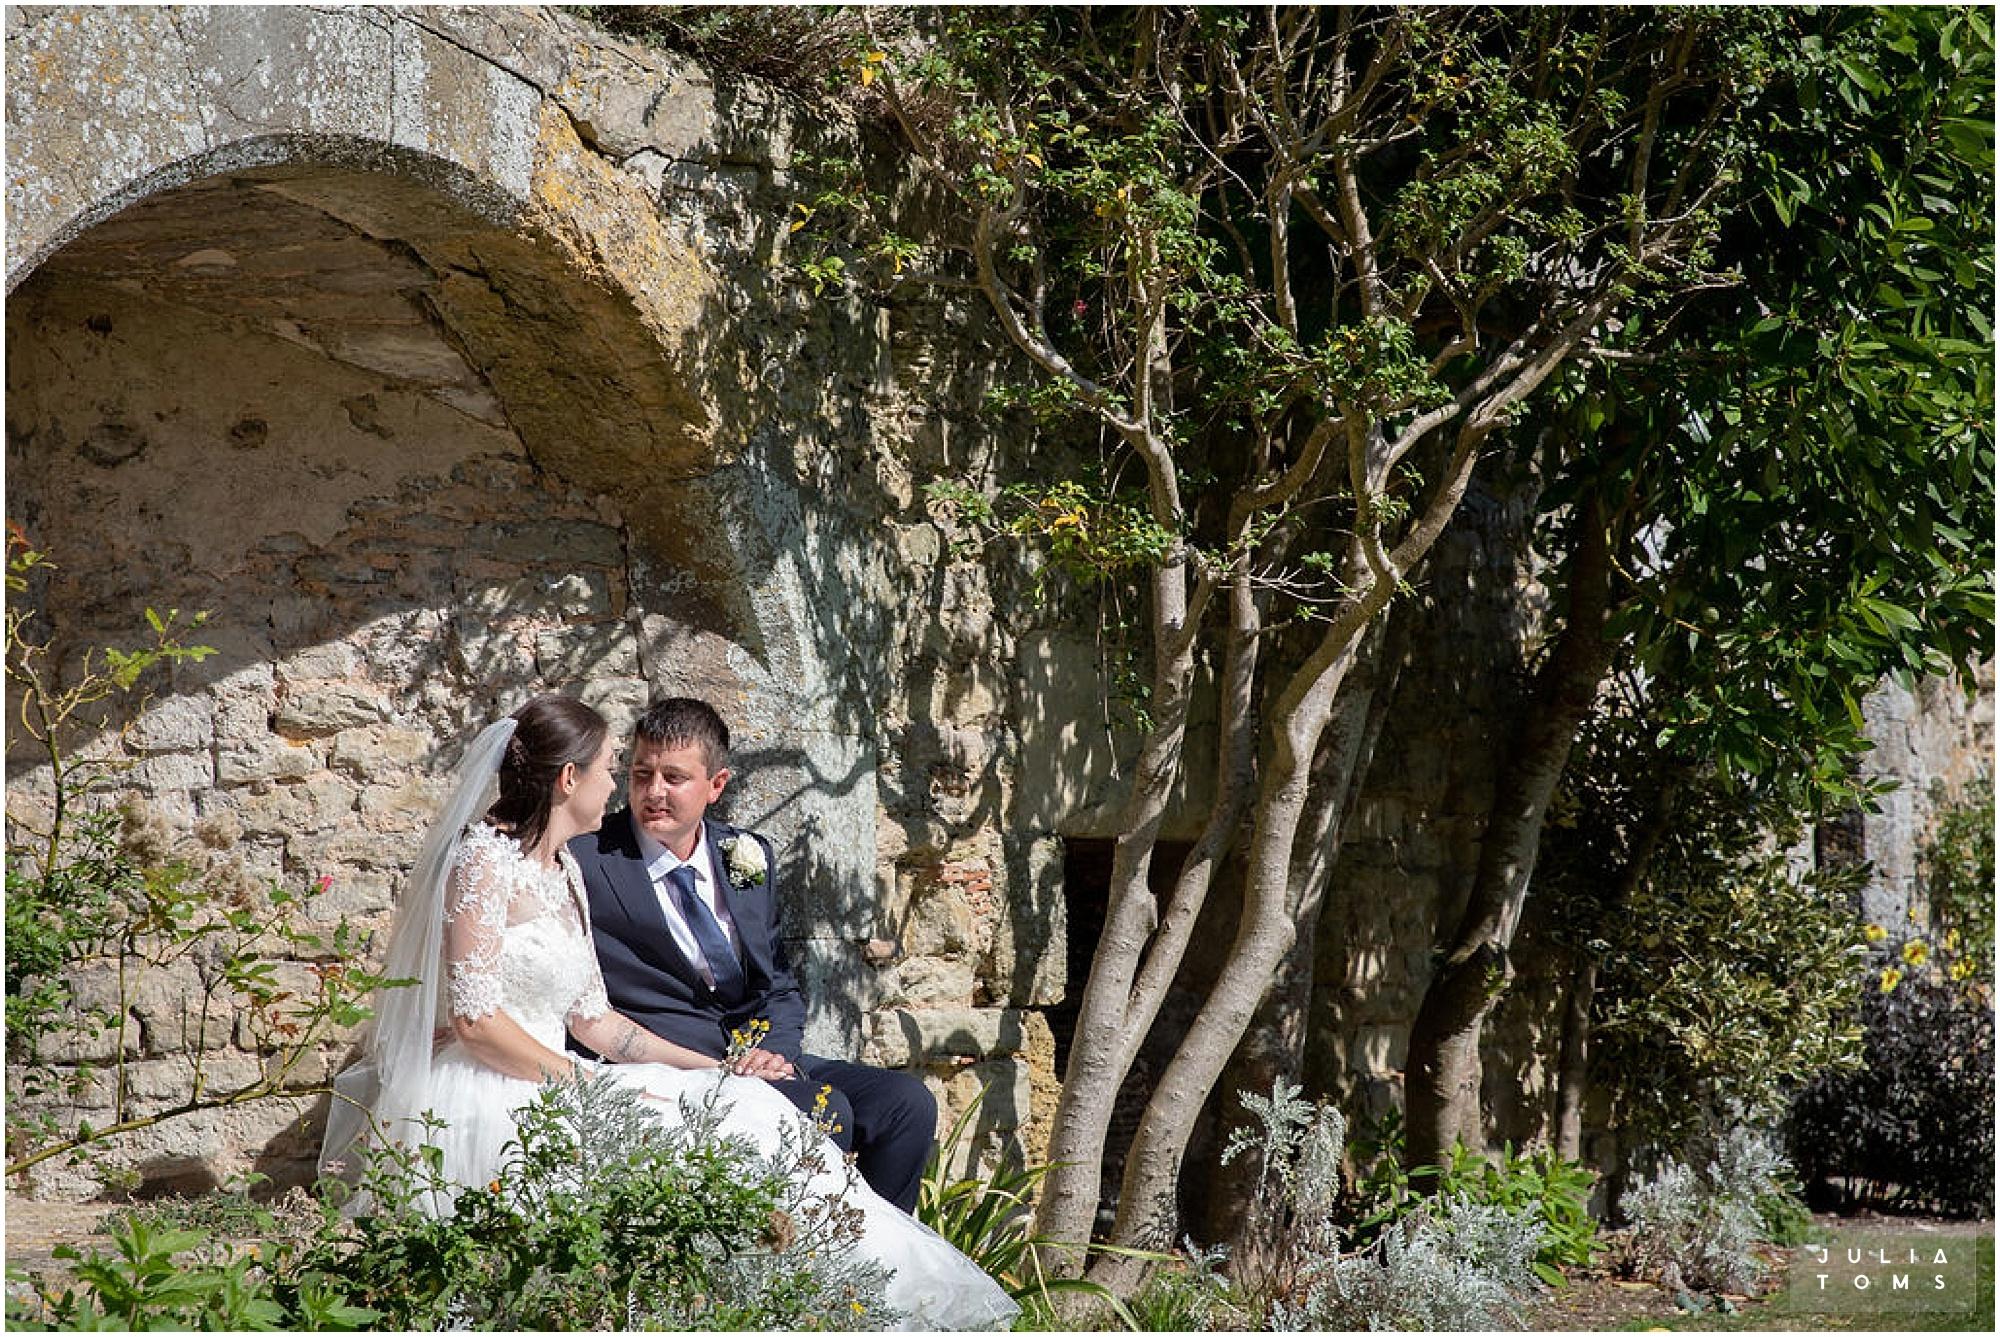 amberley_castle_wedding_photographer_041.jpg